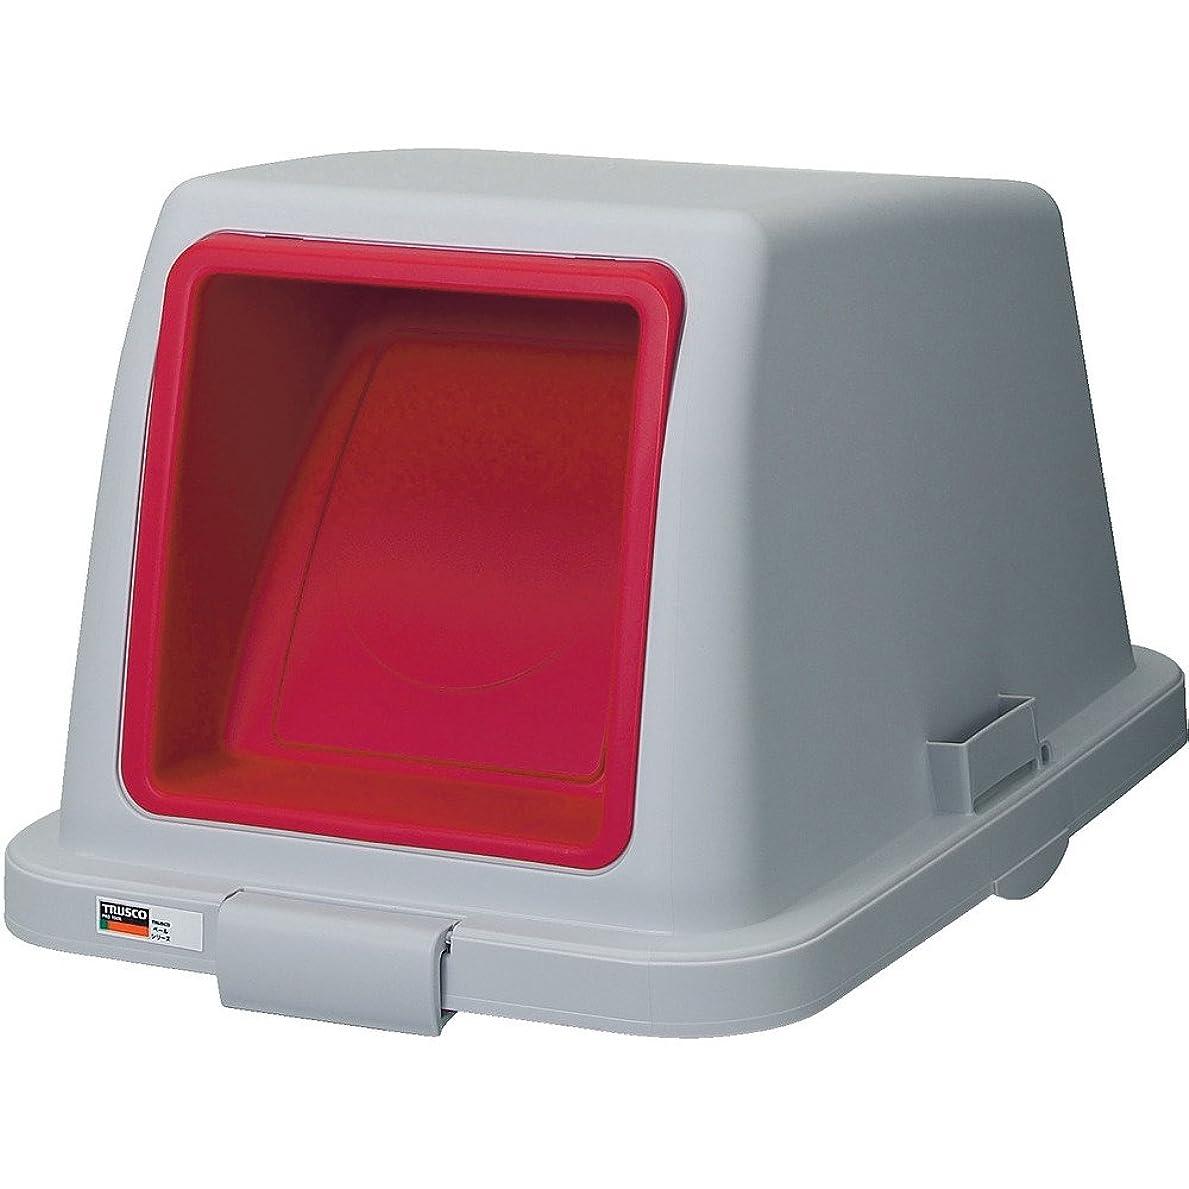 プラットフォーム領収書プラスチックTRUSCO(トラスコ) 分別ペール70型用プッシュフタ 赤 TBP-70SPU-R